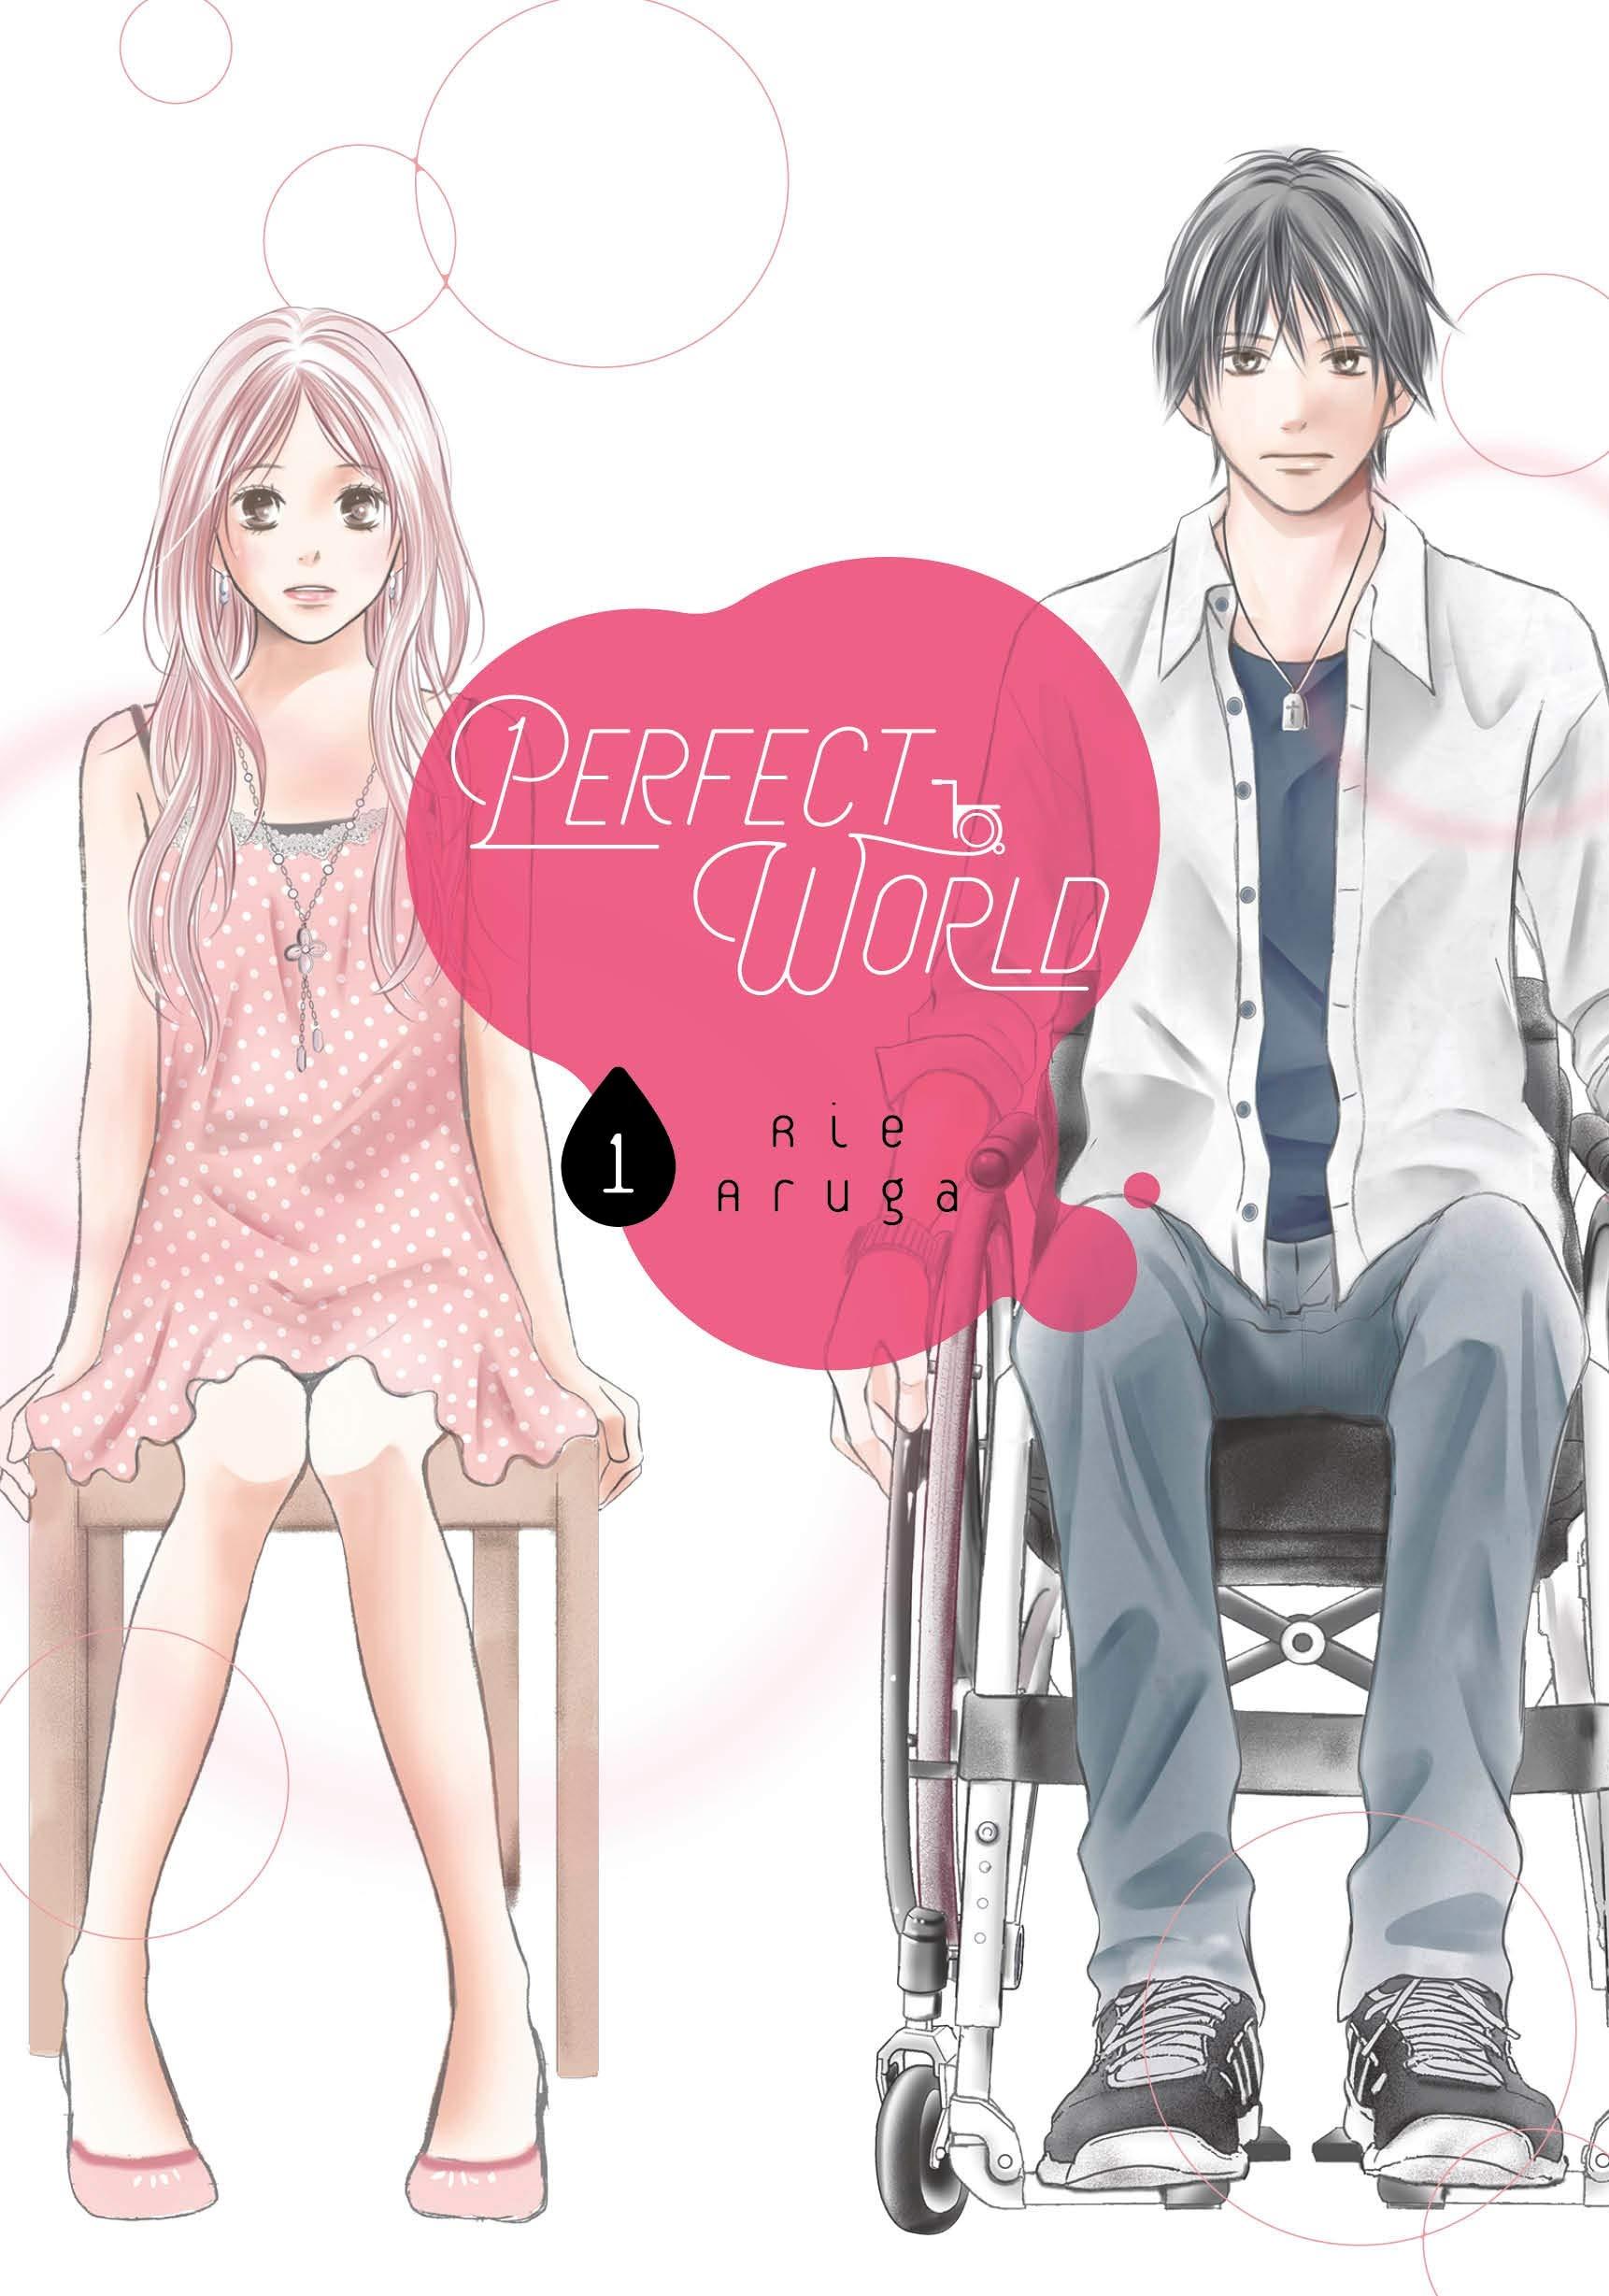 Perfect World 1: Amazon.in: Aruga, Rie: Books